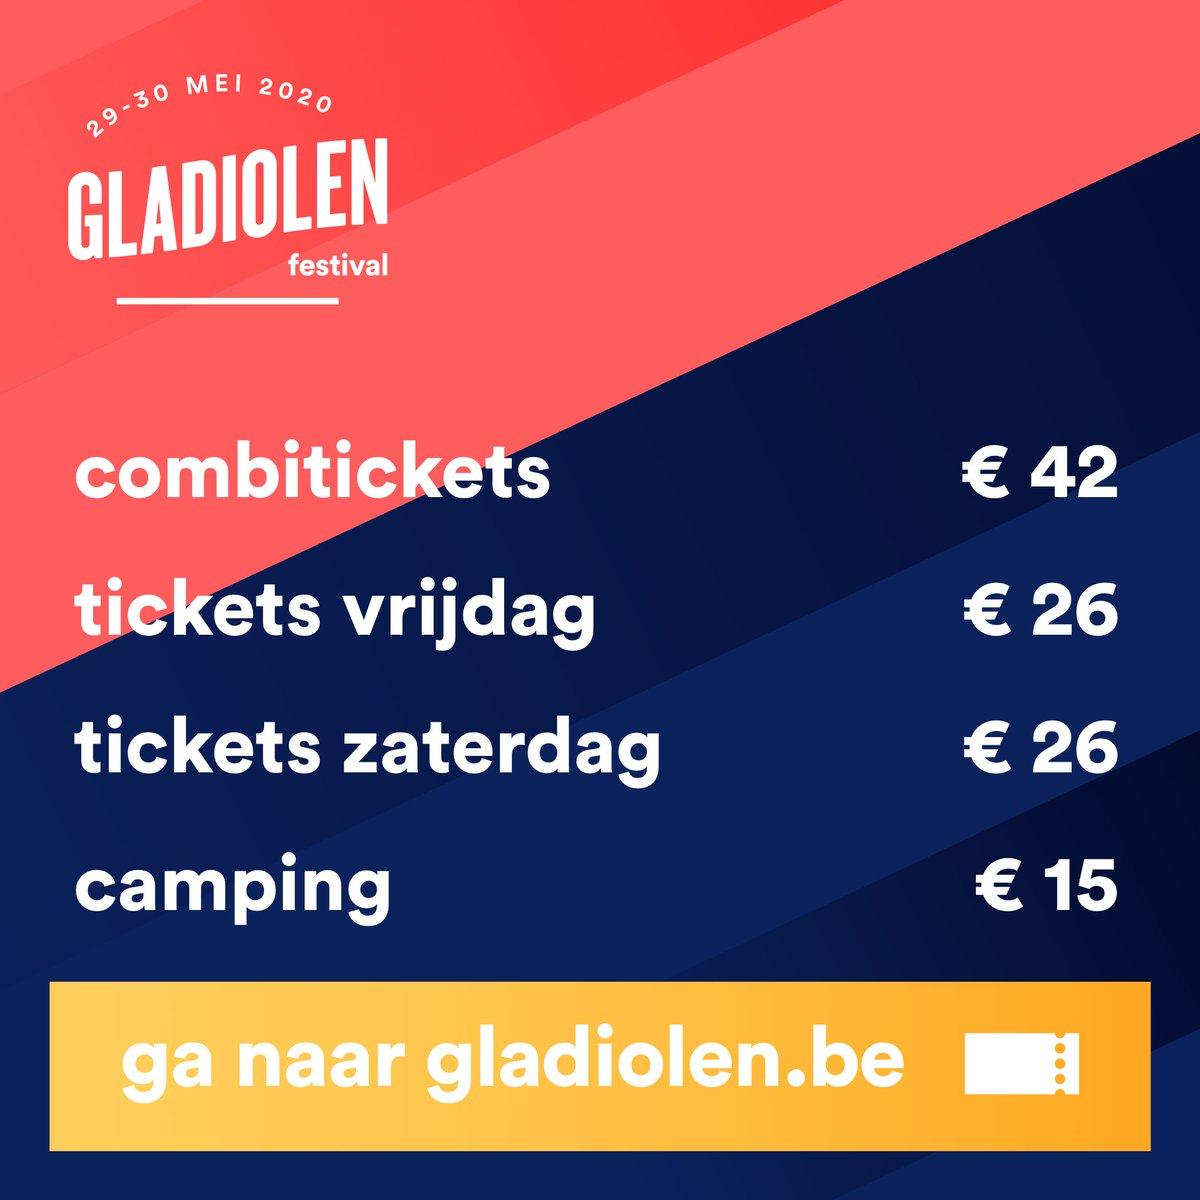 Tickets voor Gladiolen 2020 zijn vanaf nu te koop via https://t.co/d0WruhG2U0 https://t.co/ZFYHNgxVKY